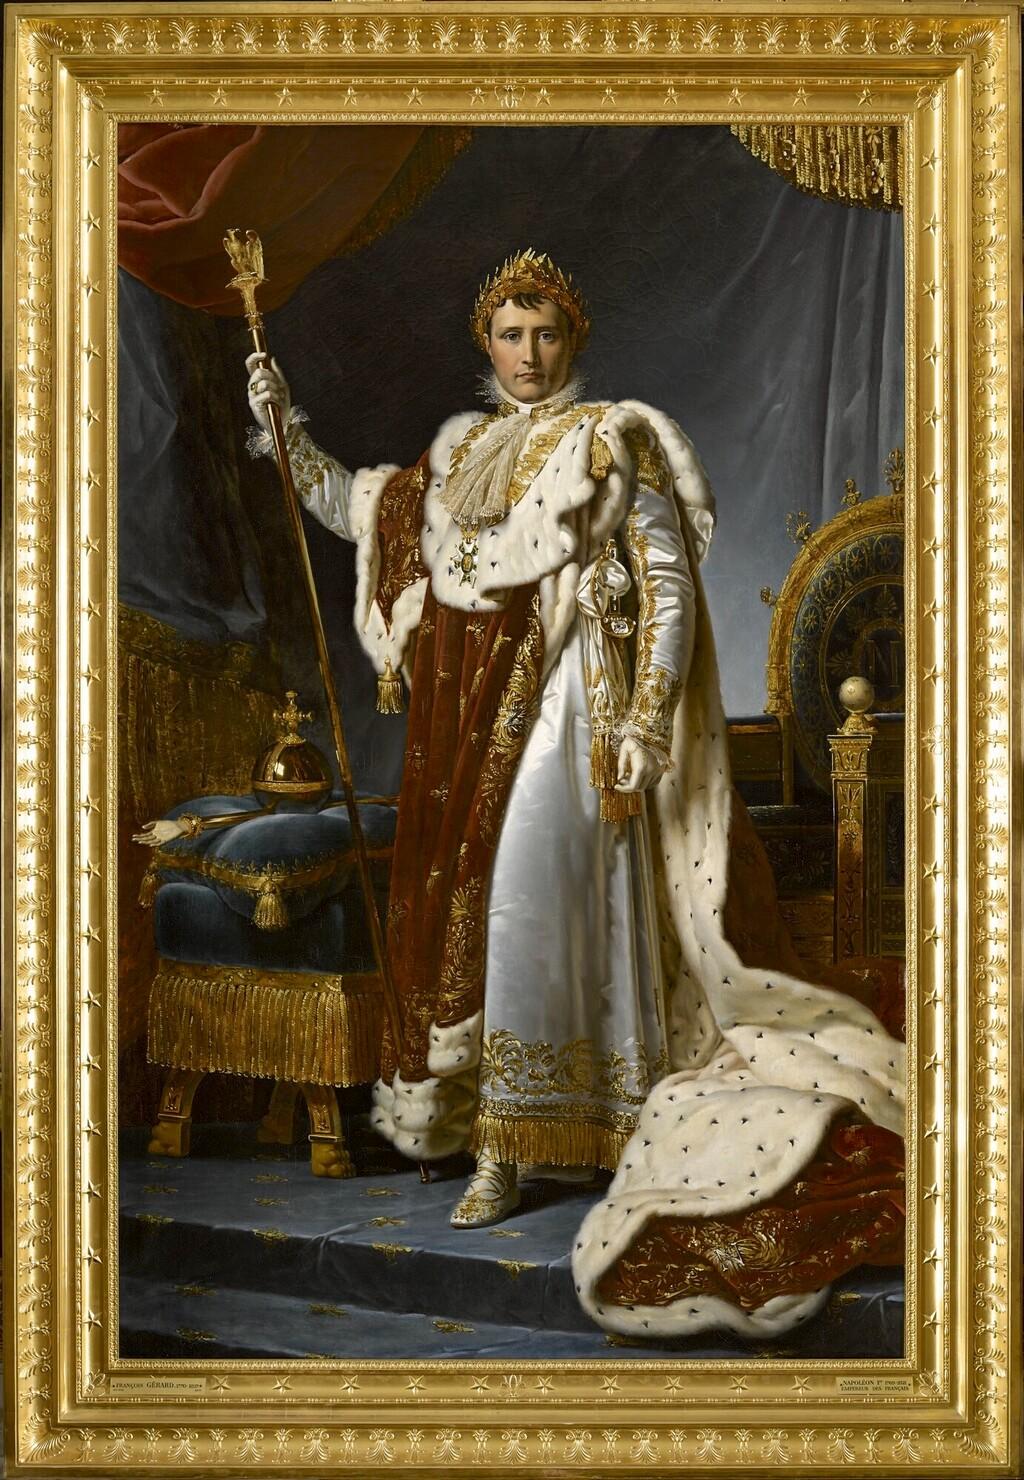 Expositions et évènements : 2021, année Napoléon. Bicentenaire de la mort de l'empereur Napoléon Ier.  Napole15